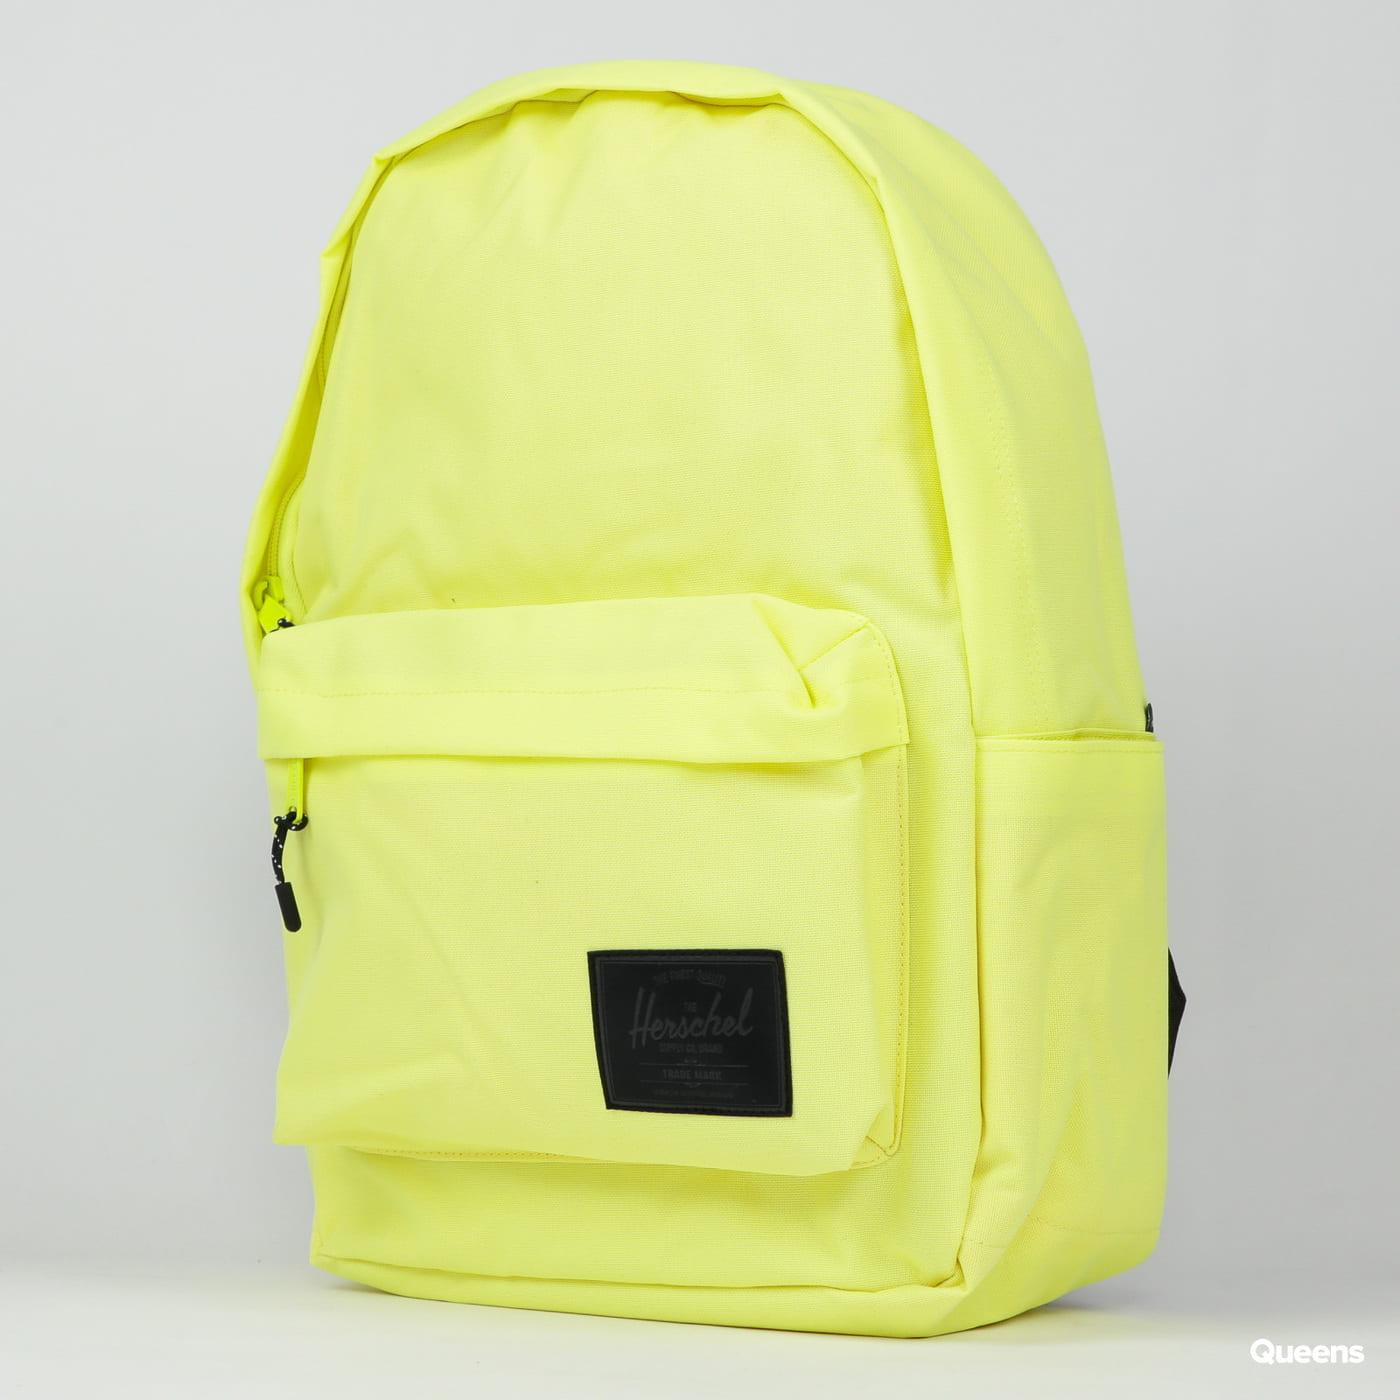 The Herschel Supply CO. Classic XL žltý / čierny